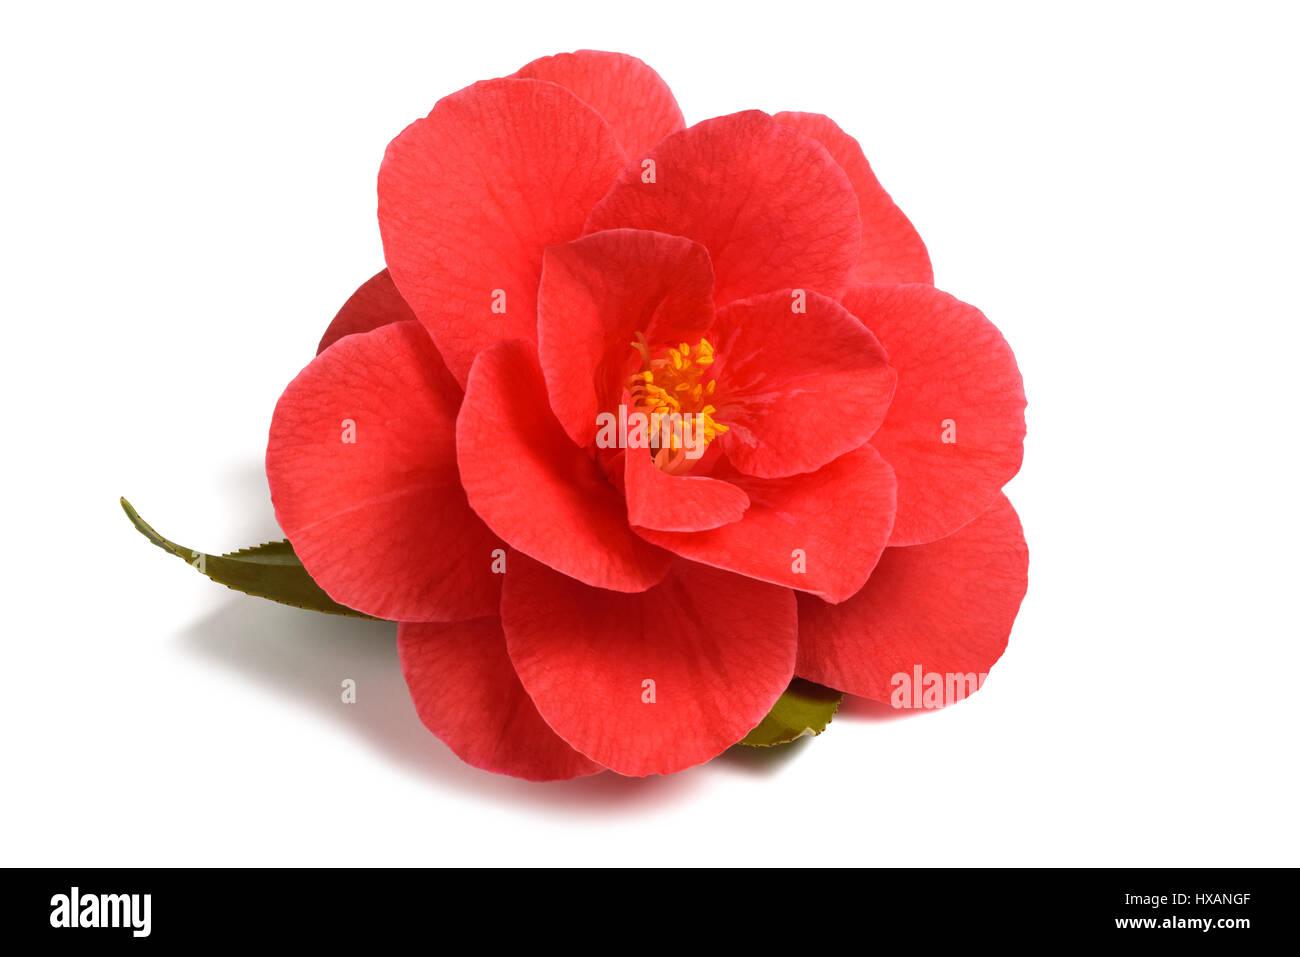 Red camellia flower isolati su sfondo bianco Immagini Stock